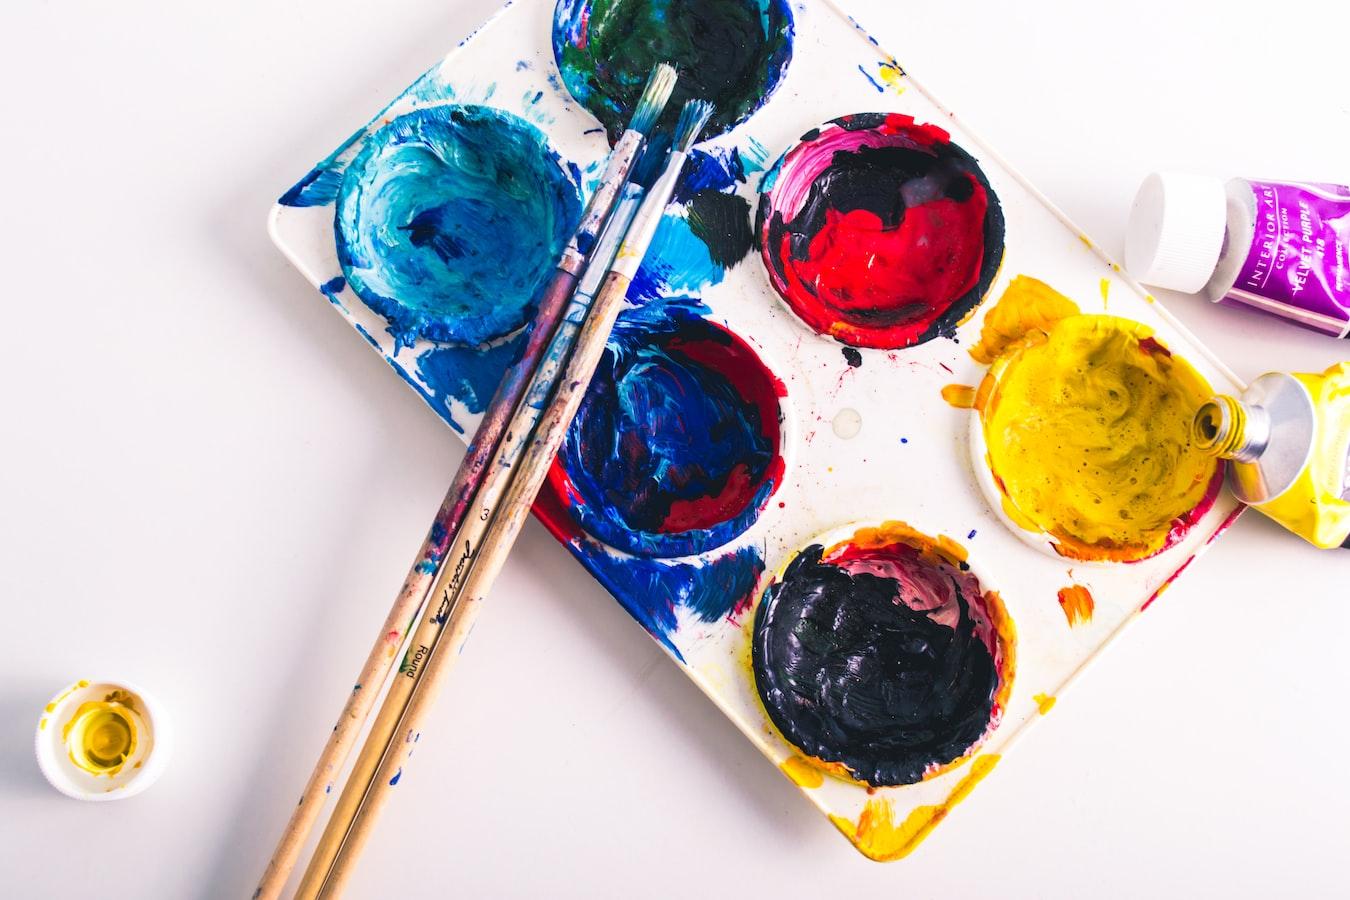 Hobbies like painting